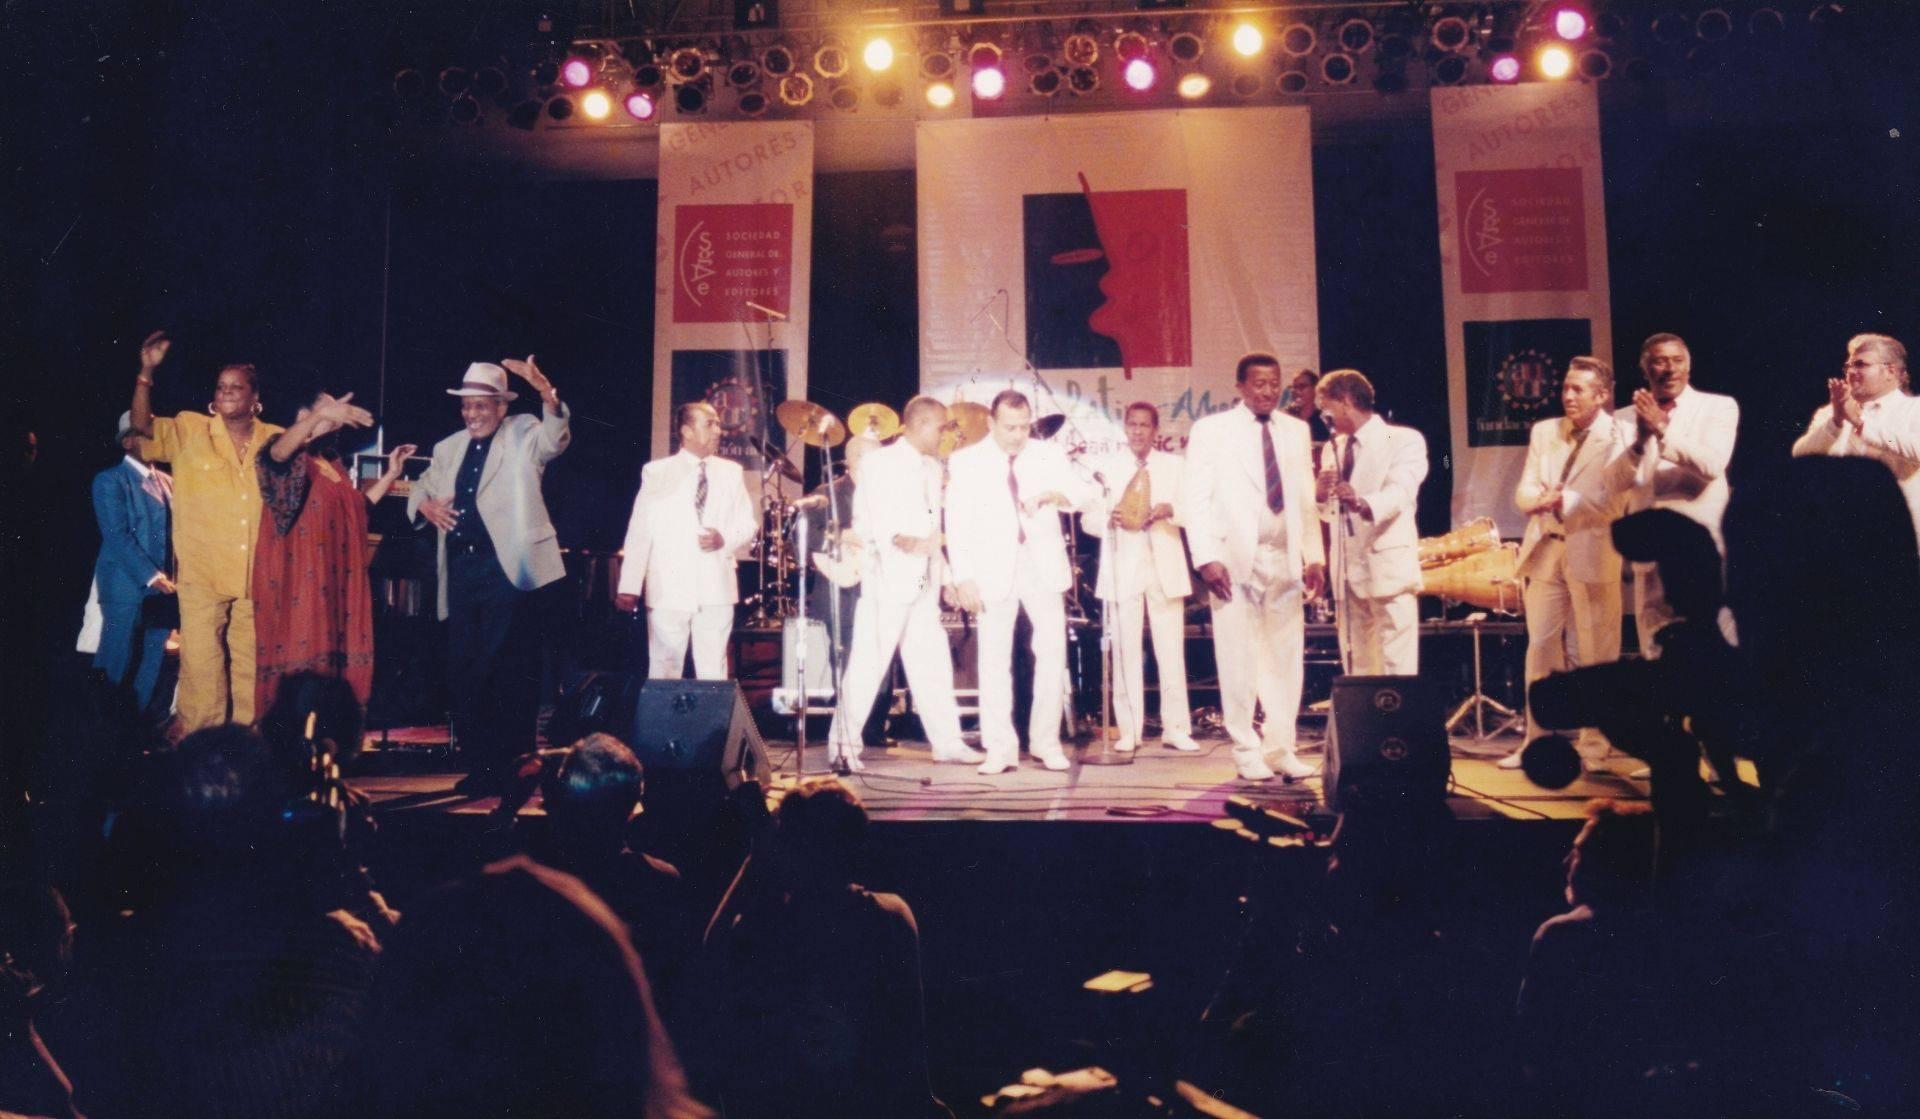 Omara Portuondo, Compay Segundo y otros músicos cubanos en el mercado Midem Latino. Foto: Paco Manzano.